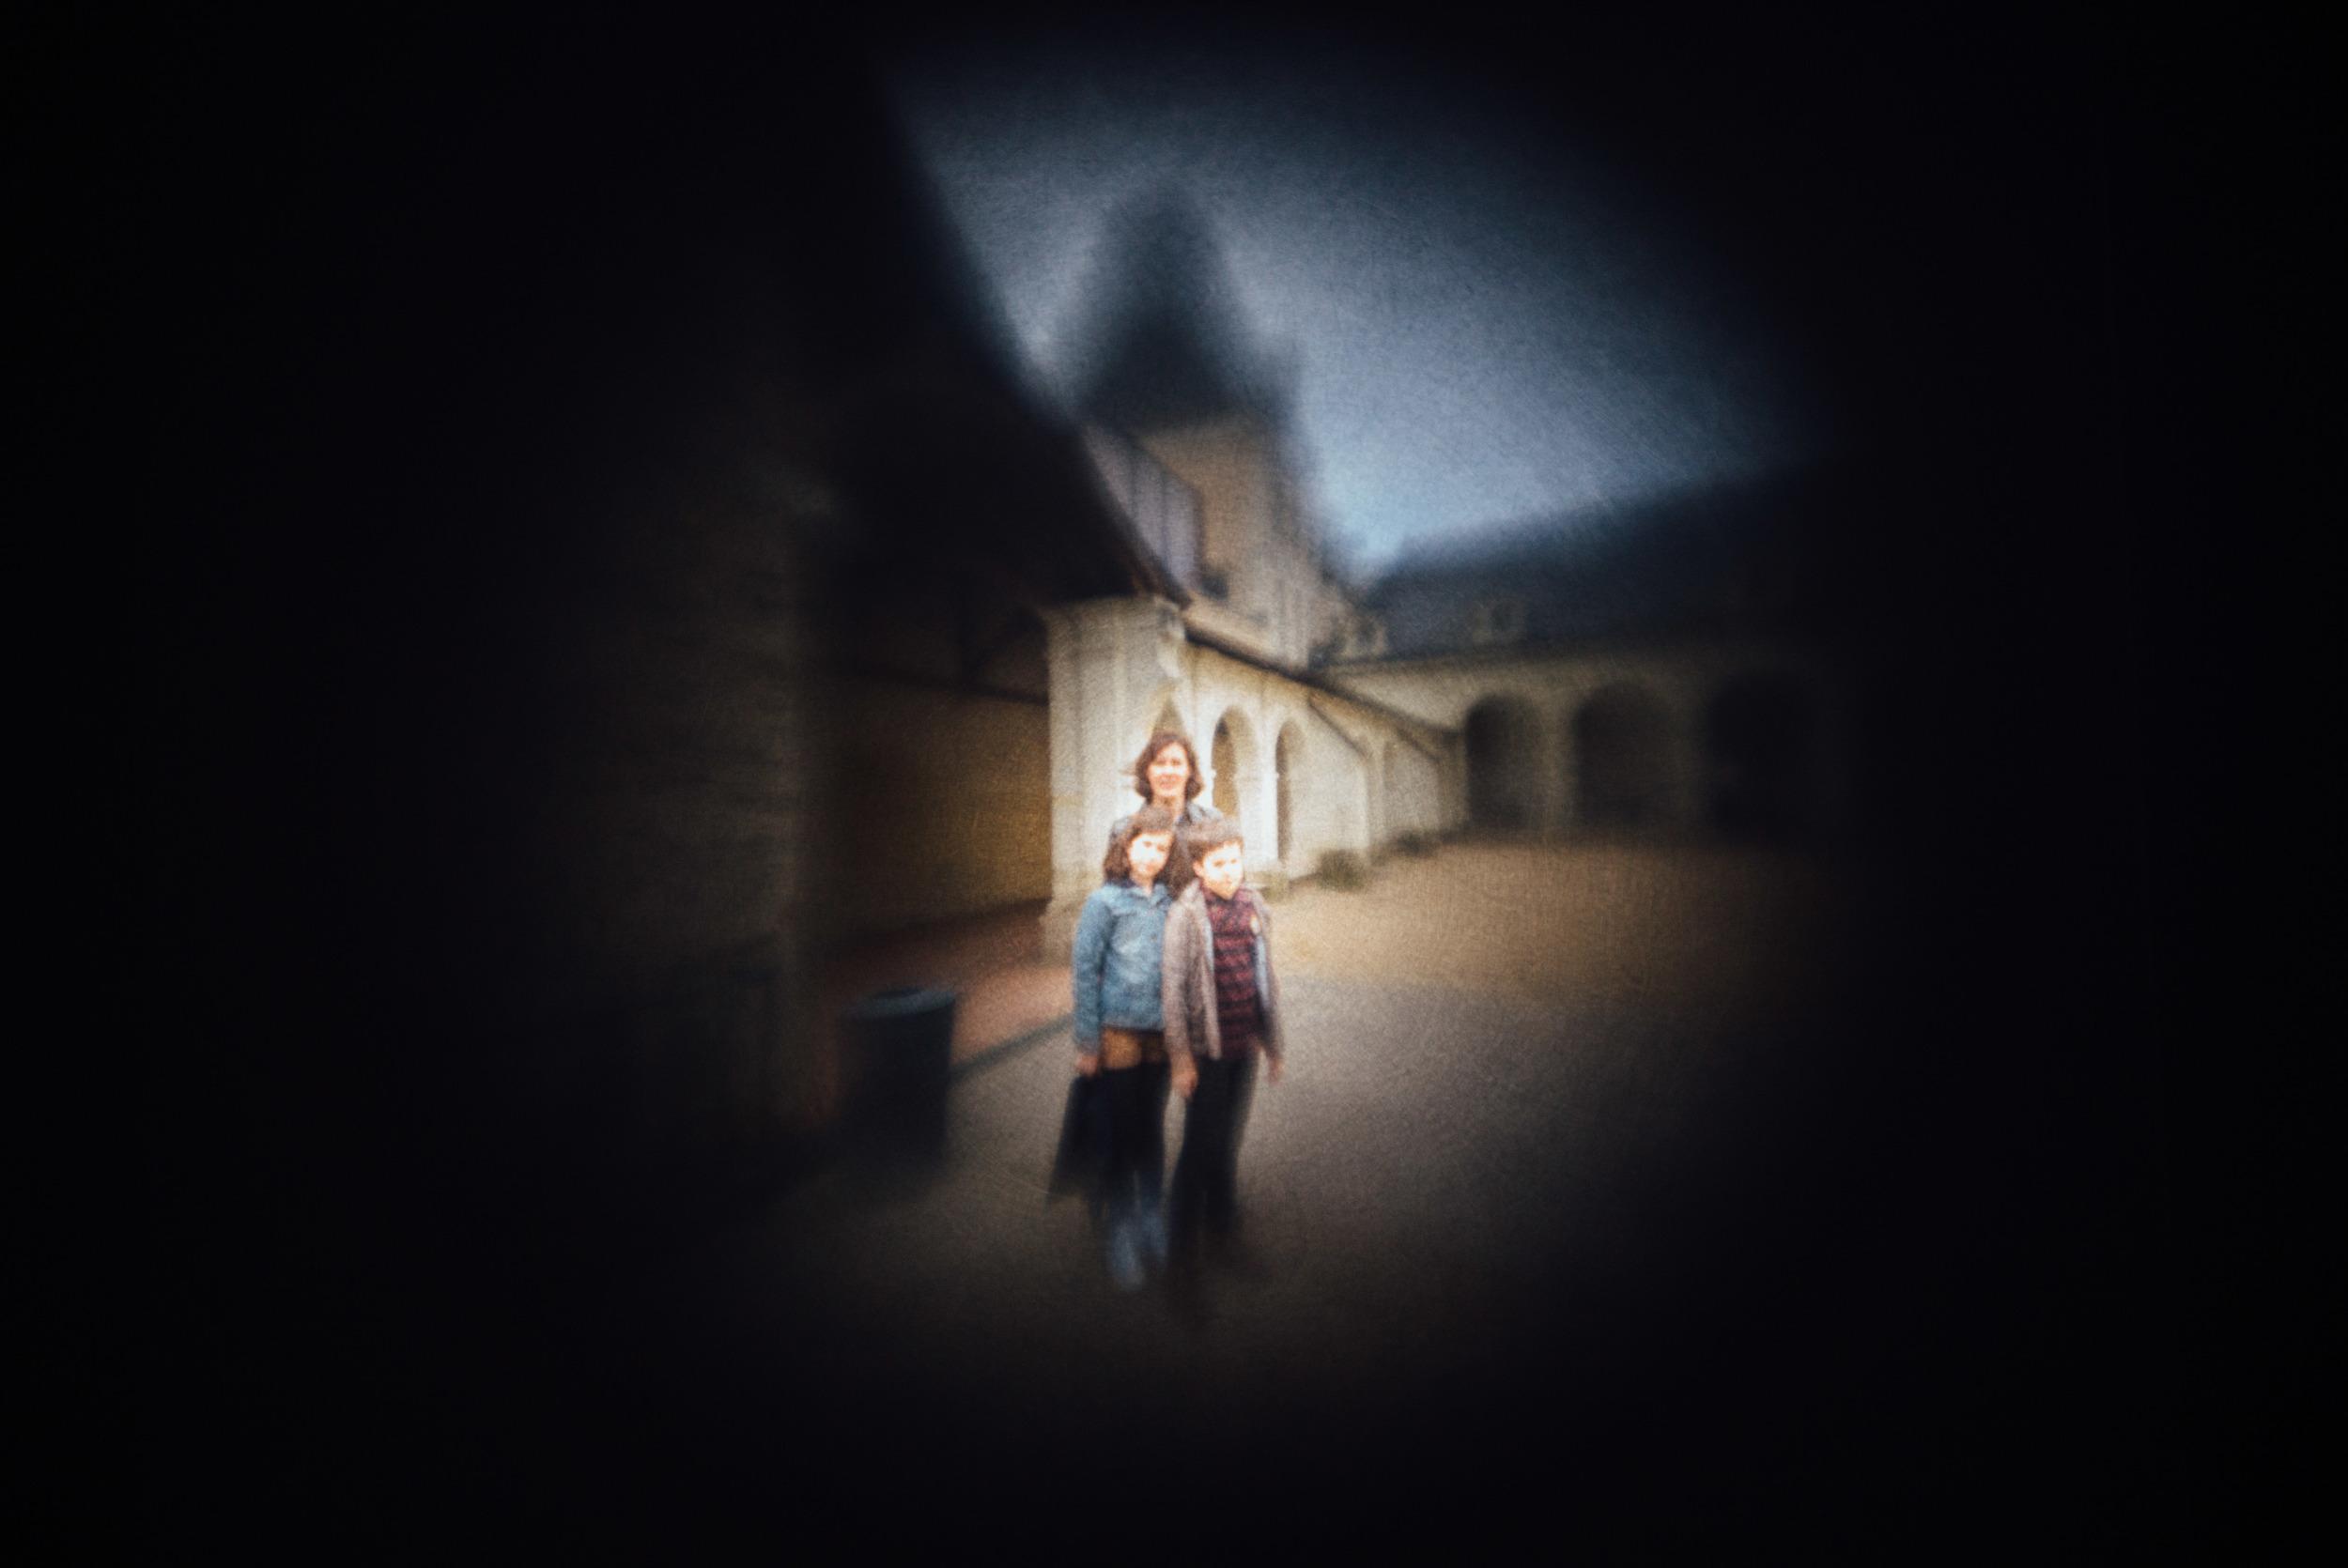 La famille telle qu'elle est apparue sur un tissu dans la chambre noire, remise à l'endroit (la famille, pas la chambre).